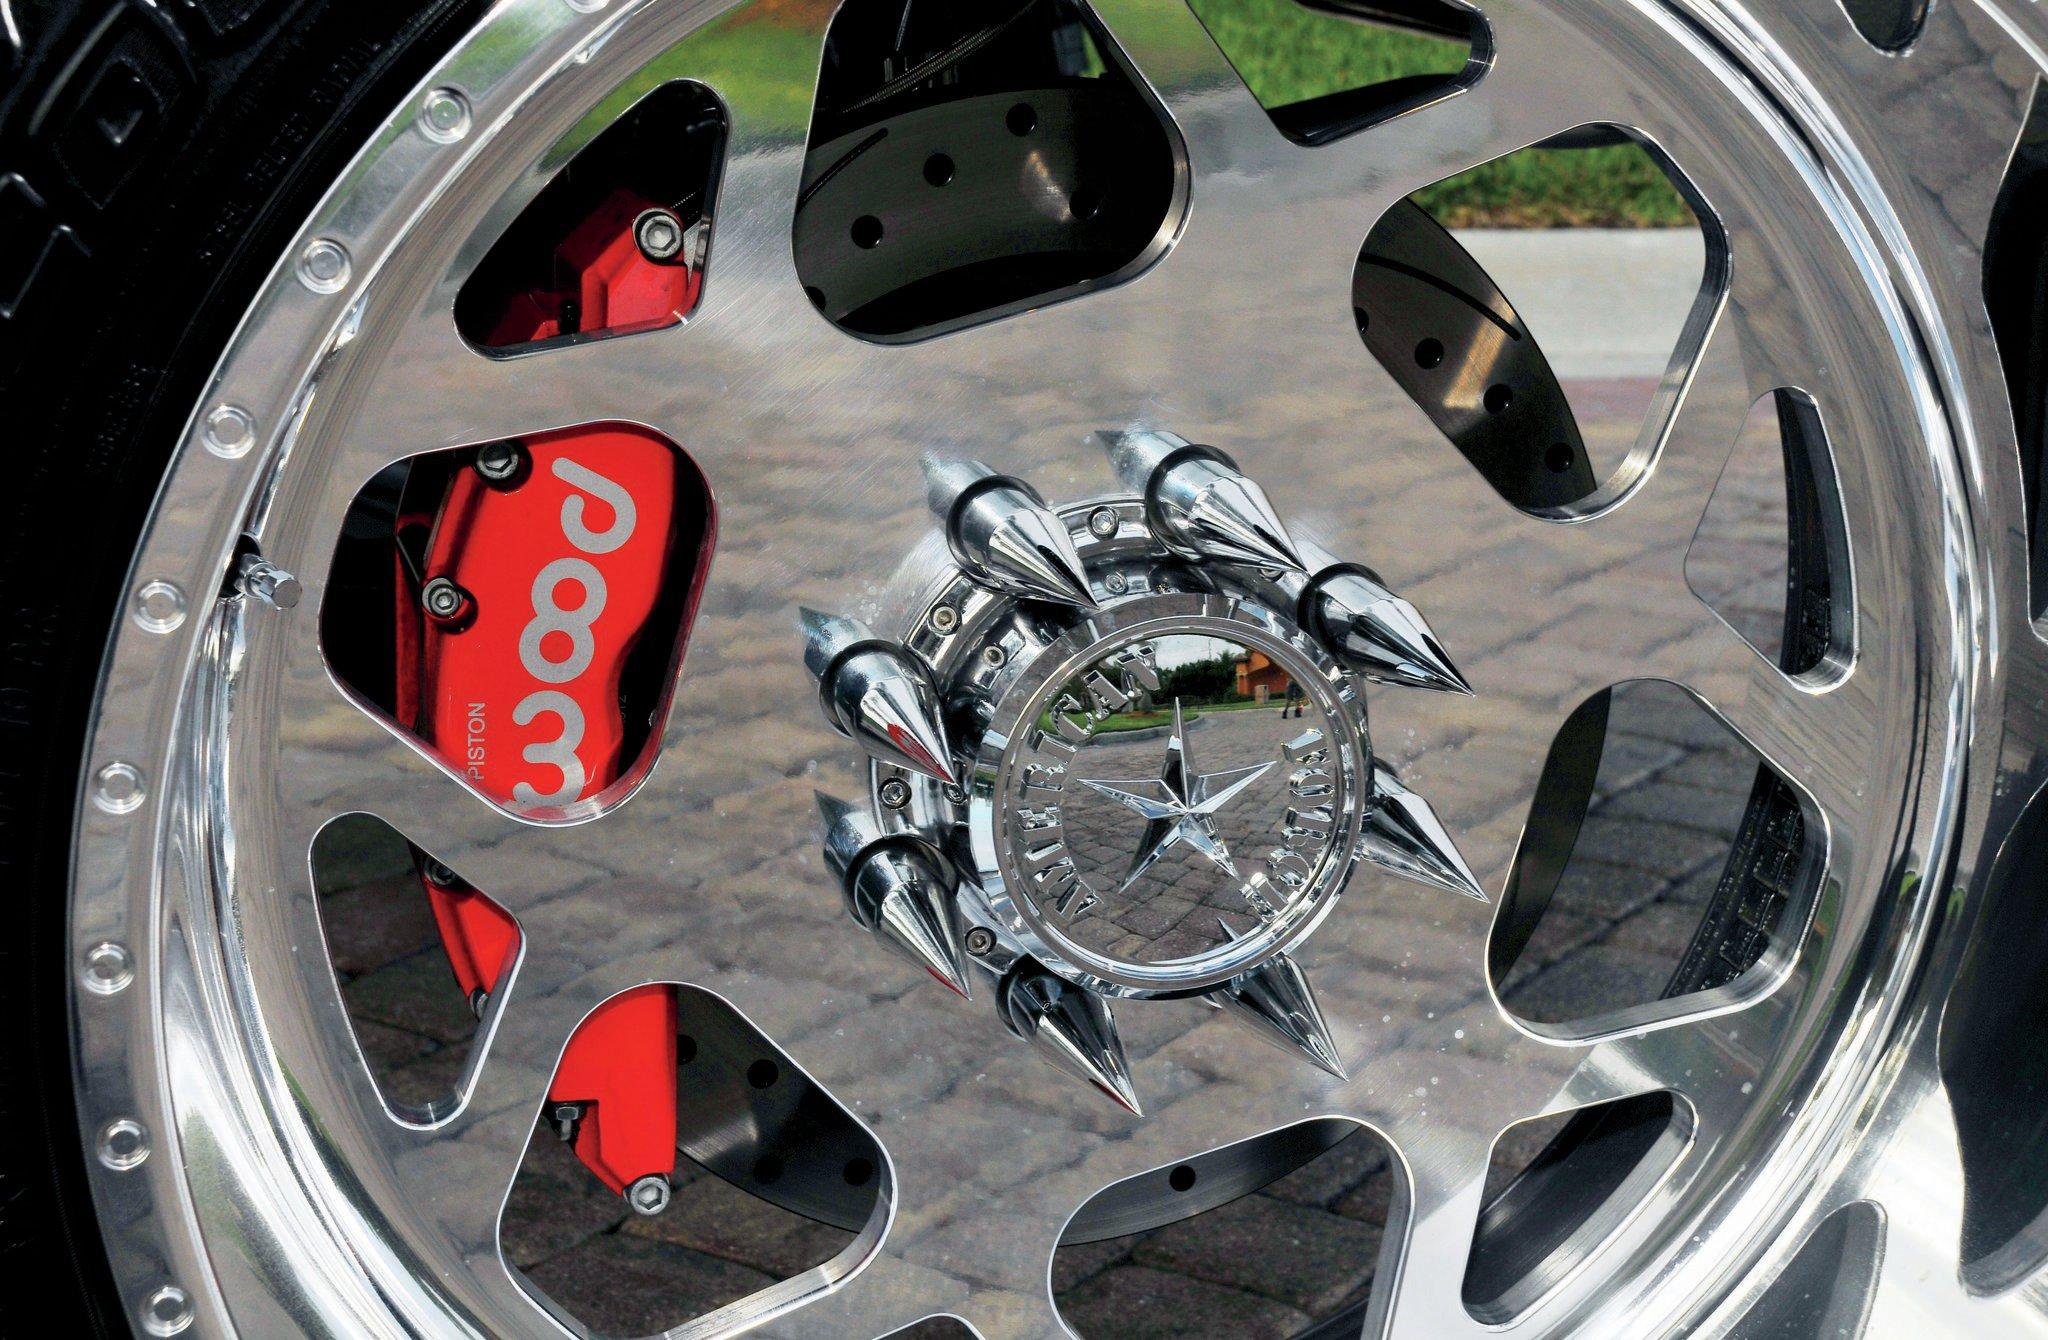 2012 Ford F 250 Lariat 4WD & 2013 Ford F-Series Super Duty Platinum u2013 Fordu0027s Most Luxurious ... markmcfarlin.com